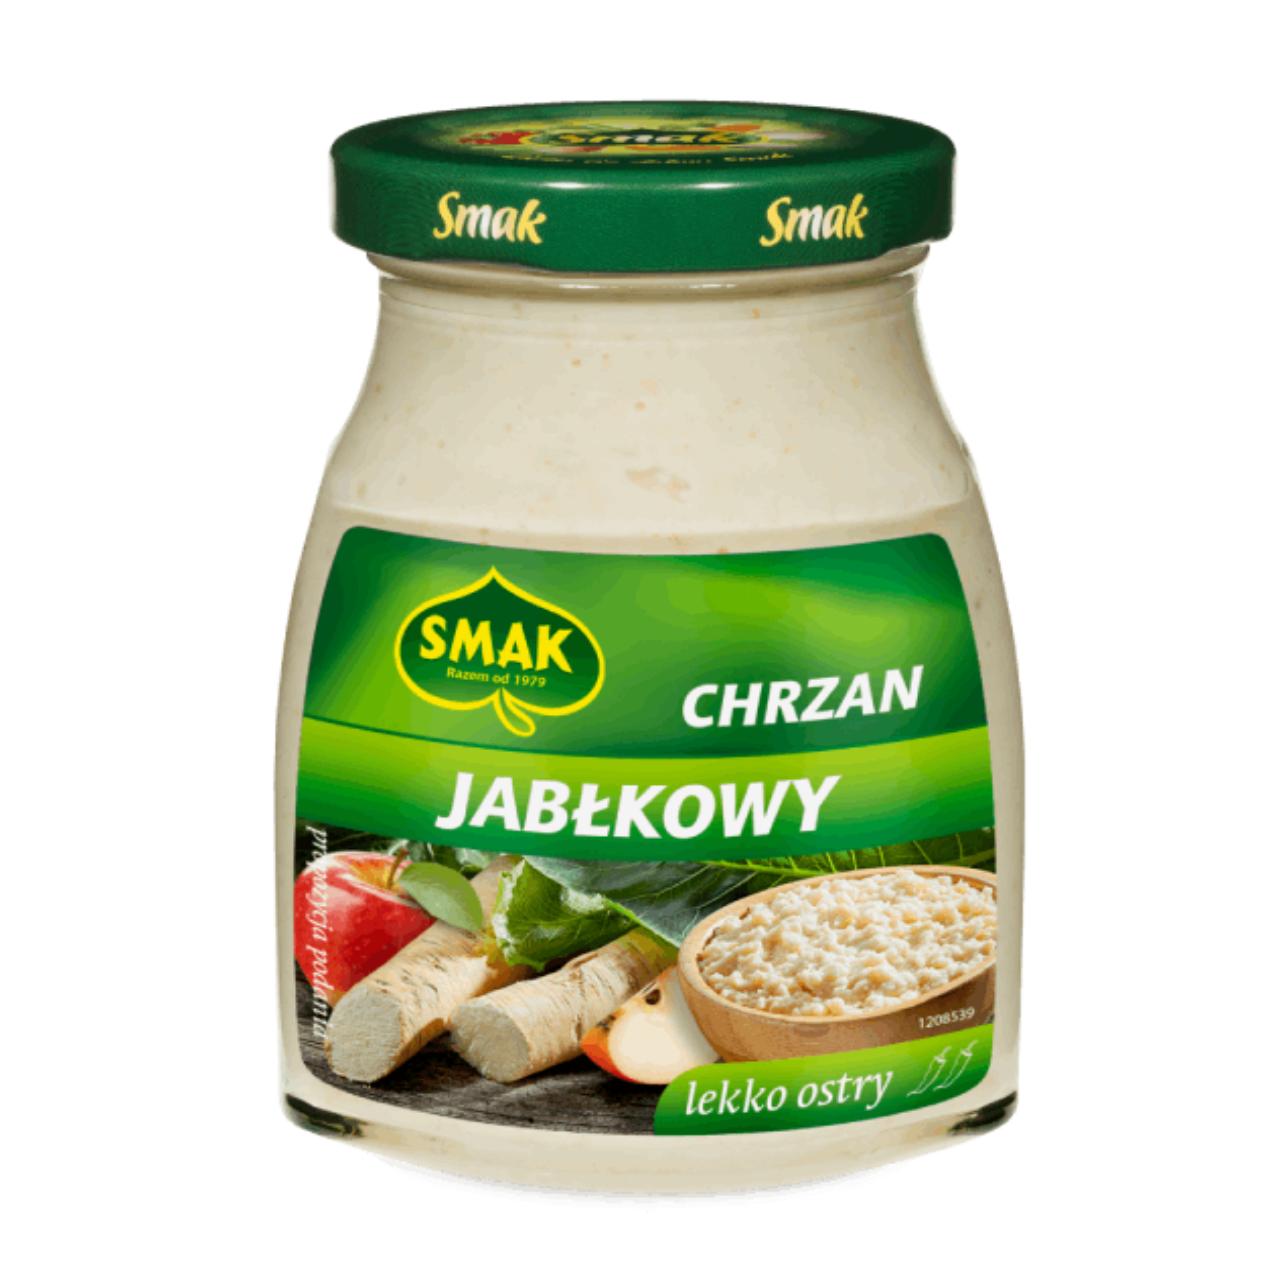 CHRZAN JABŁKOWY - SMAK 175g